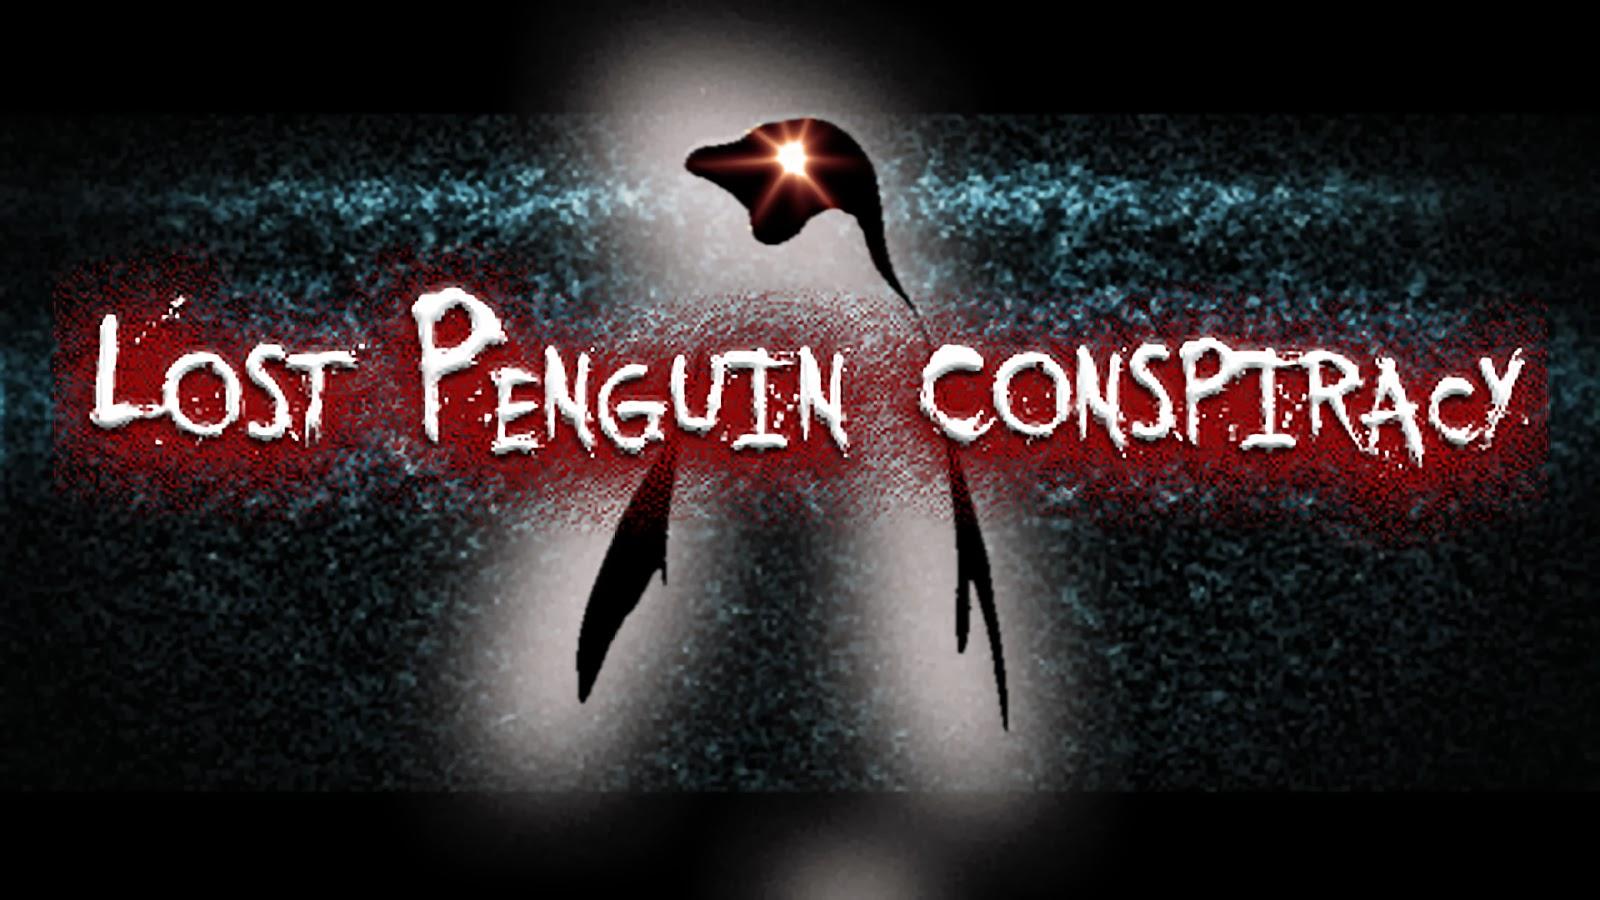 http://lostpenguinconspiracy.net